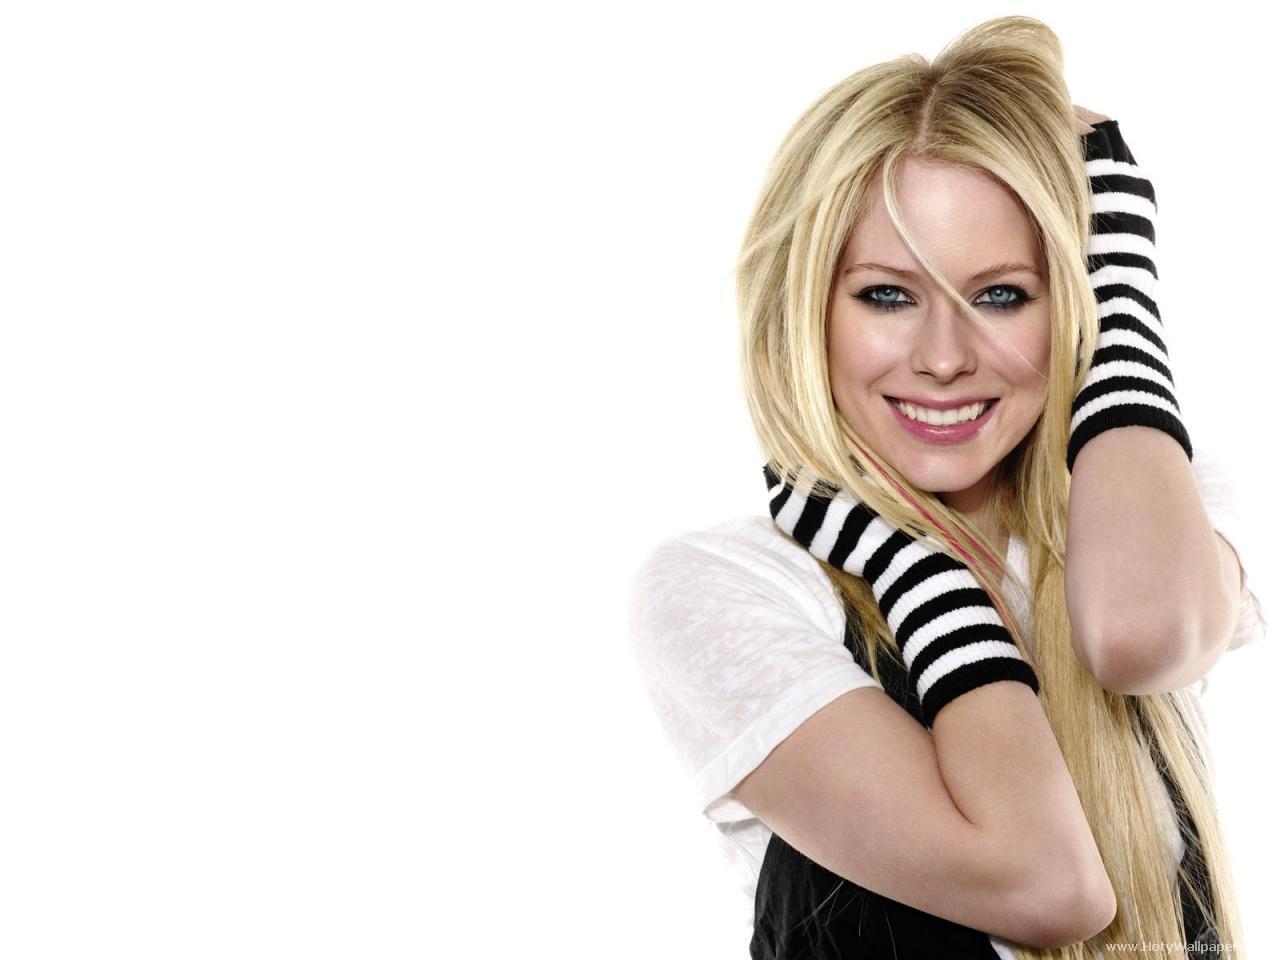 Avril Lavigne Singer